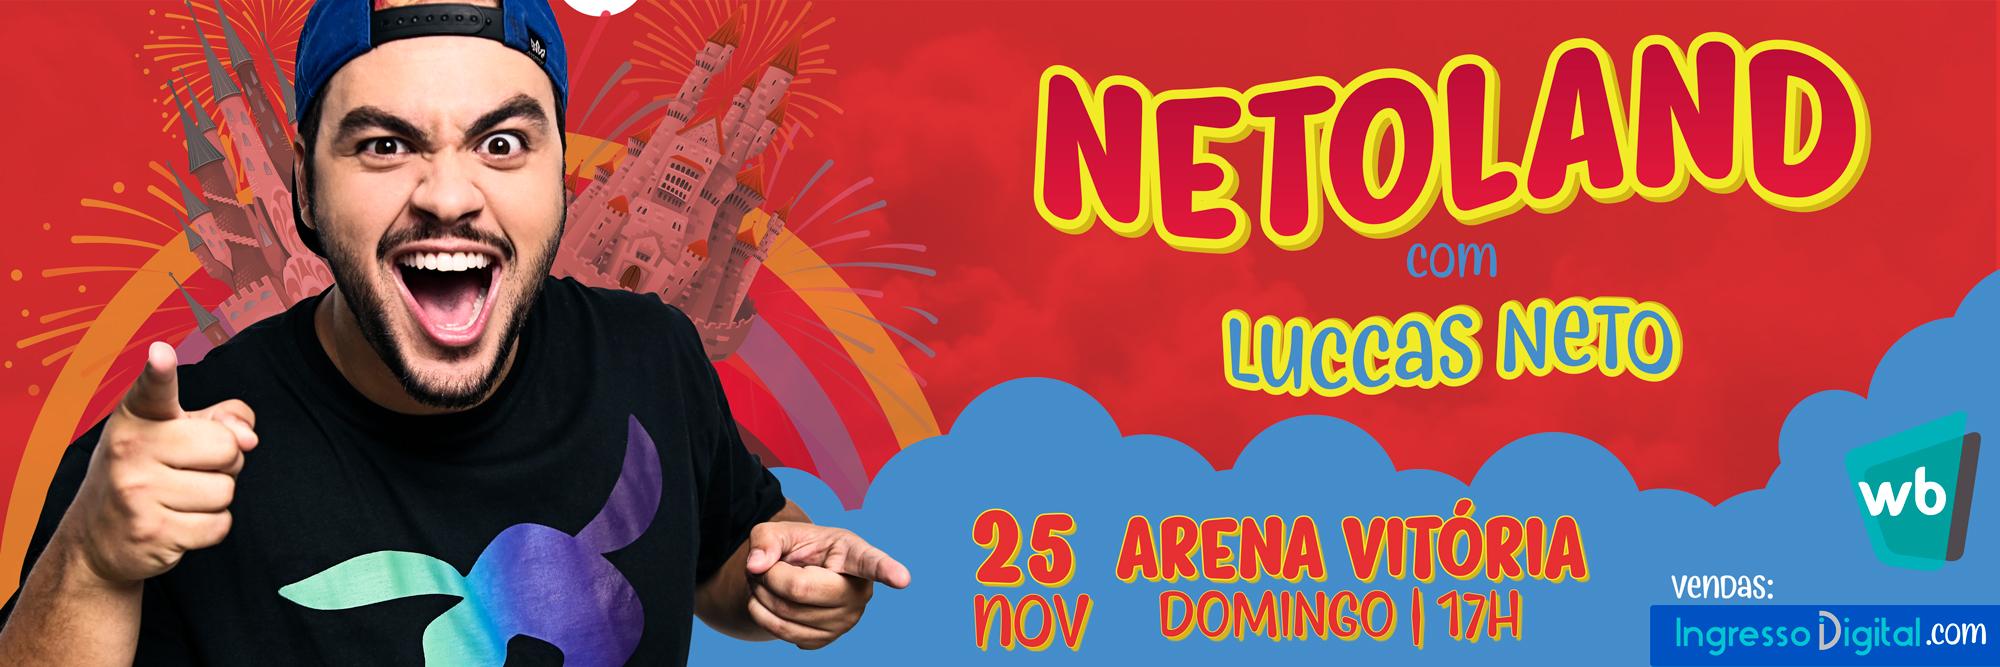 Netoland – com Luccas Neto